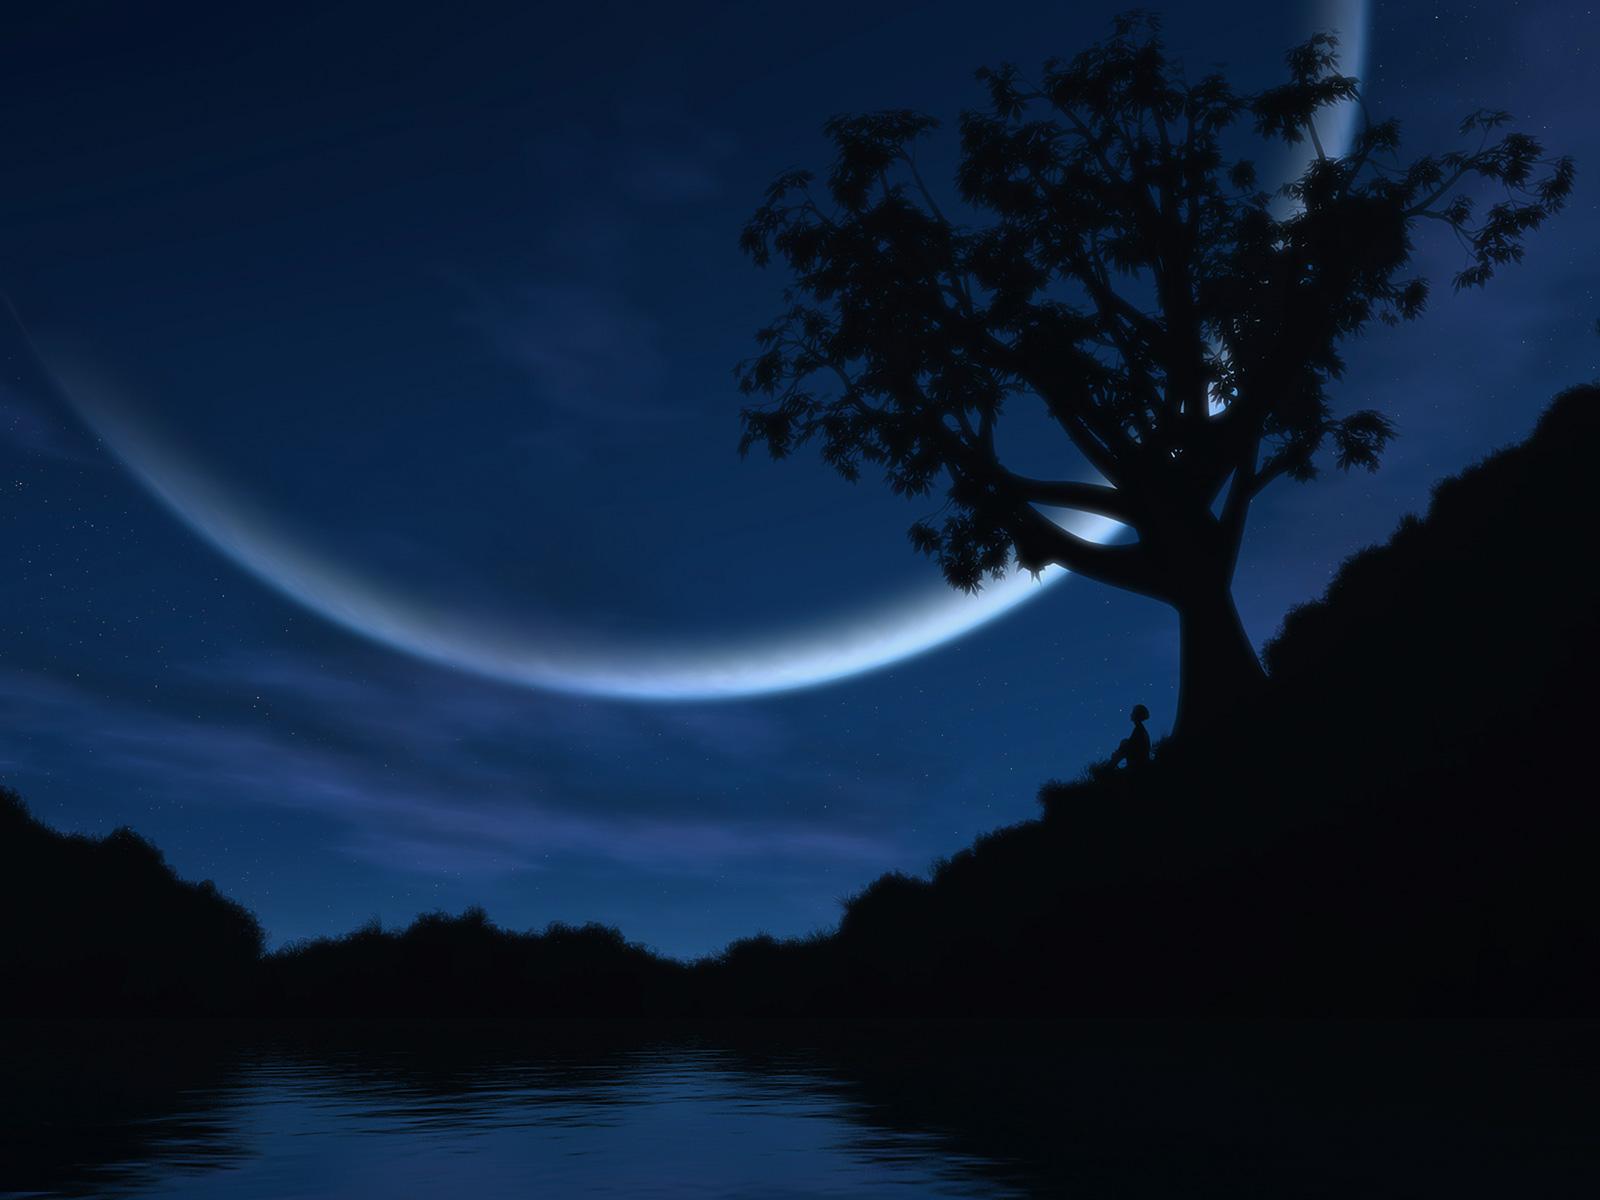 Night Wallpaper Night HD Wallpaper 1 1600x1200